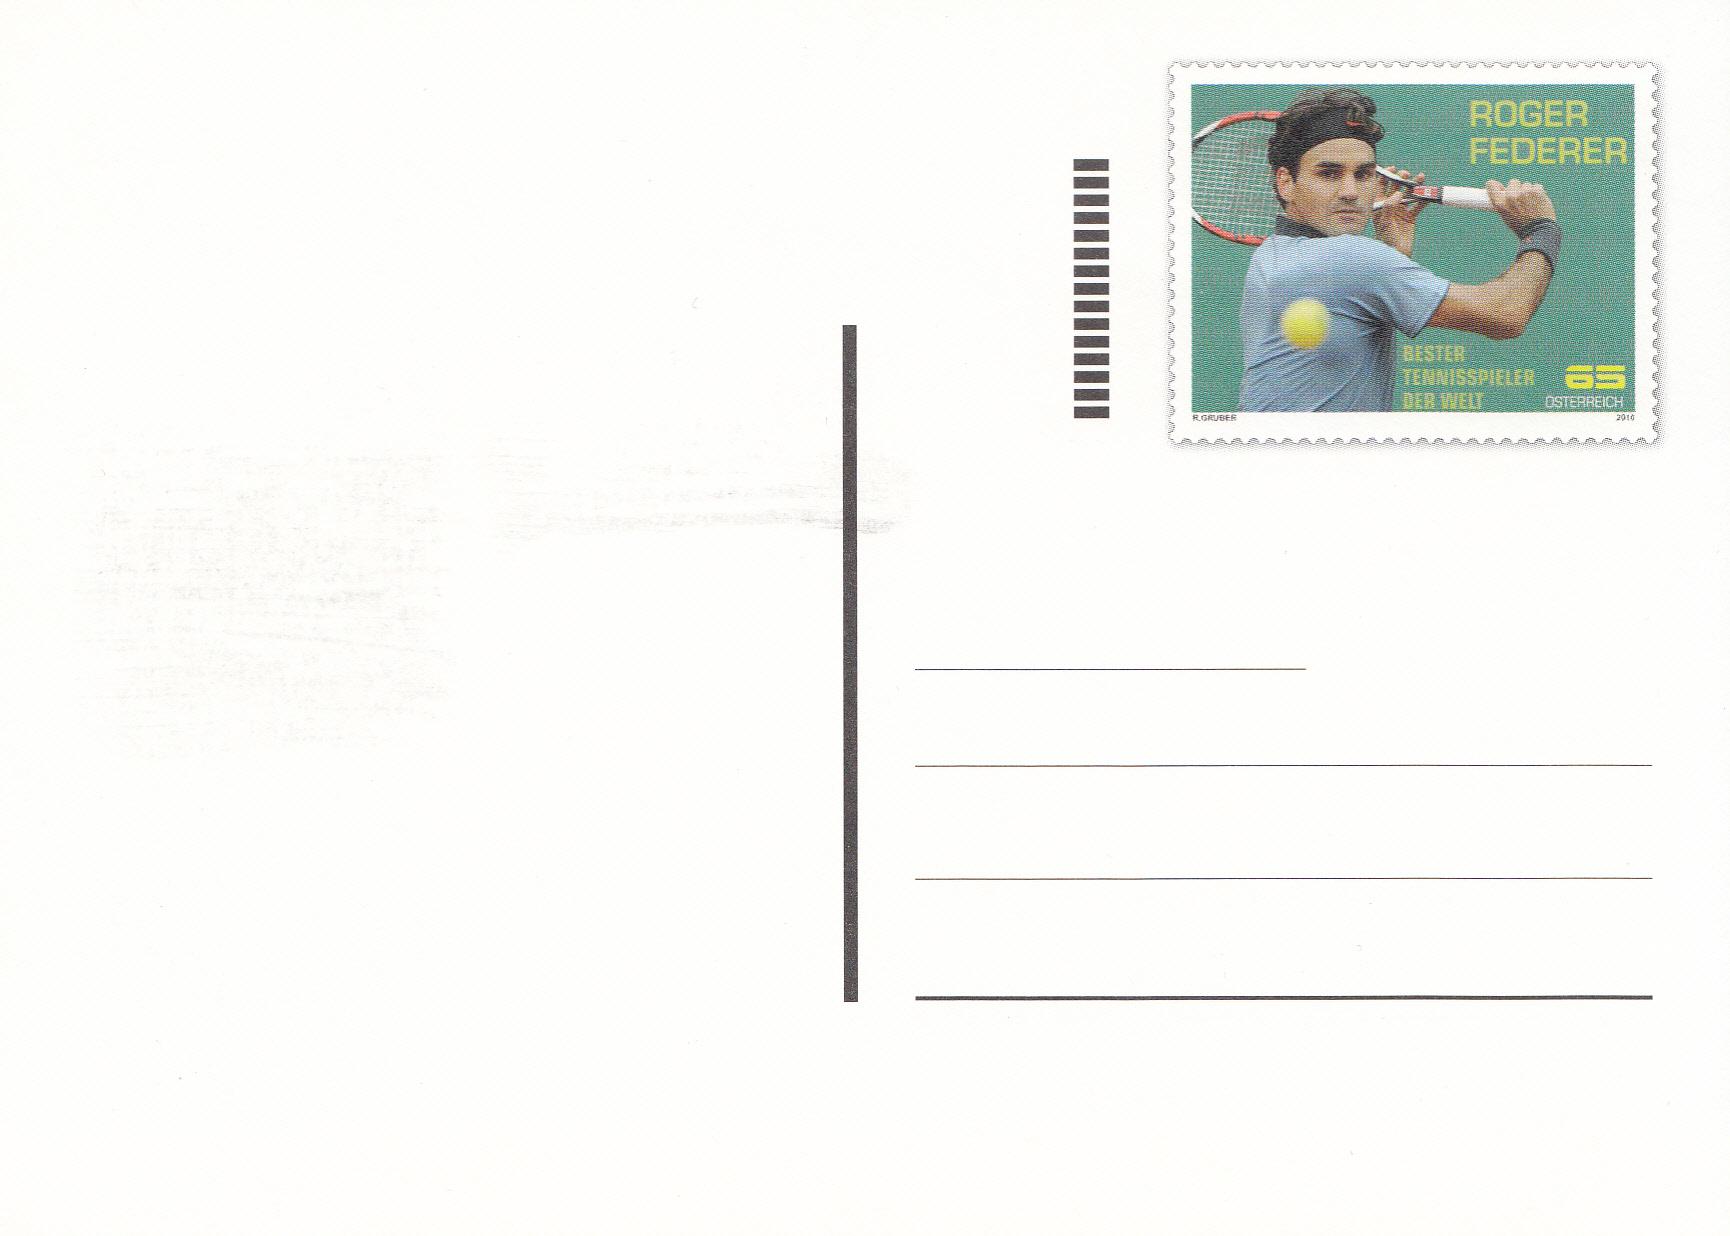 Postdienst – Service des postes - Postdienstkarten - Österreich Img_0202